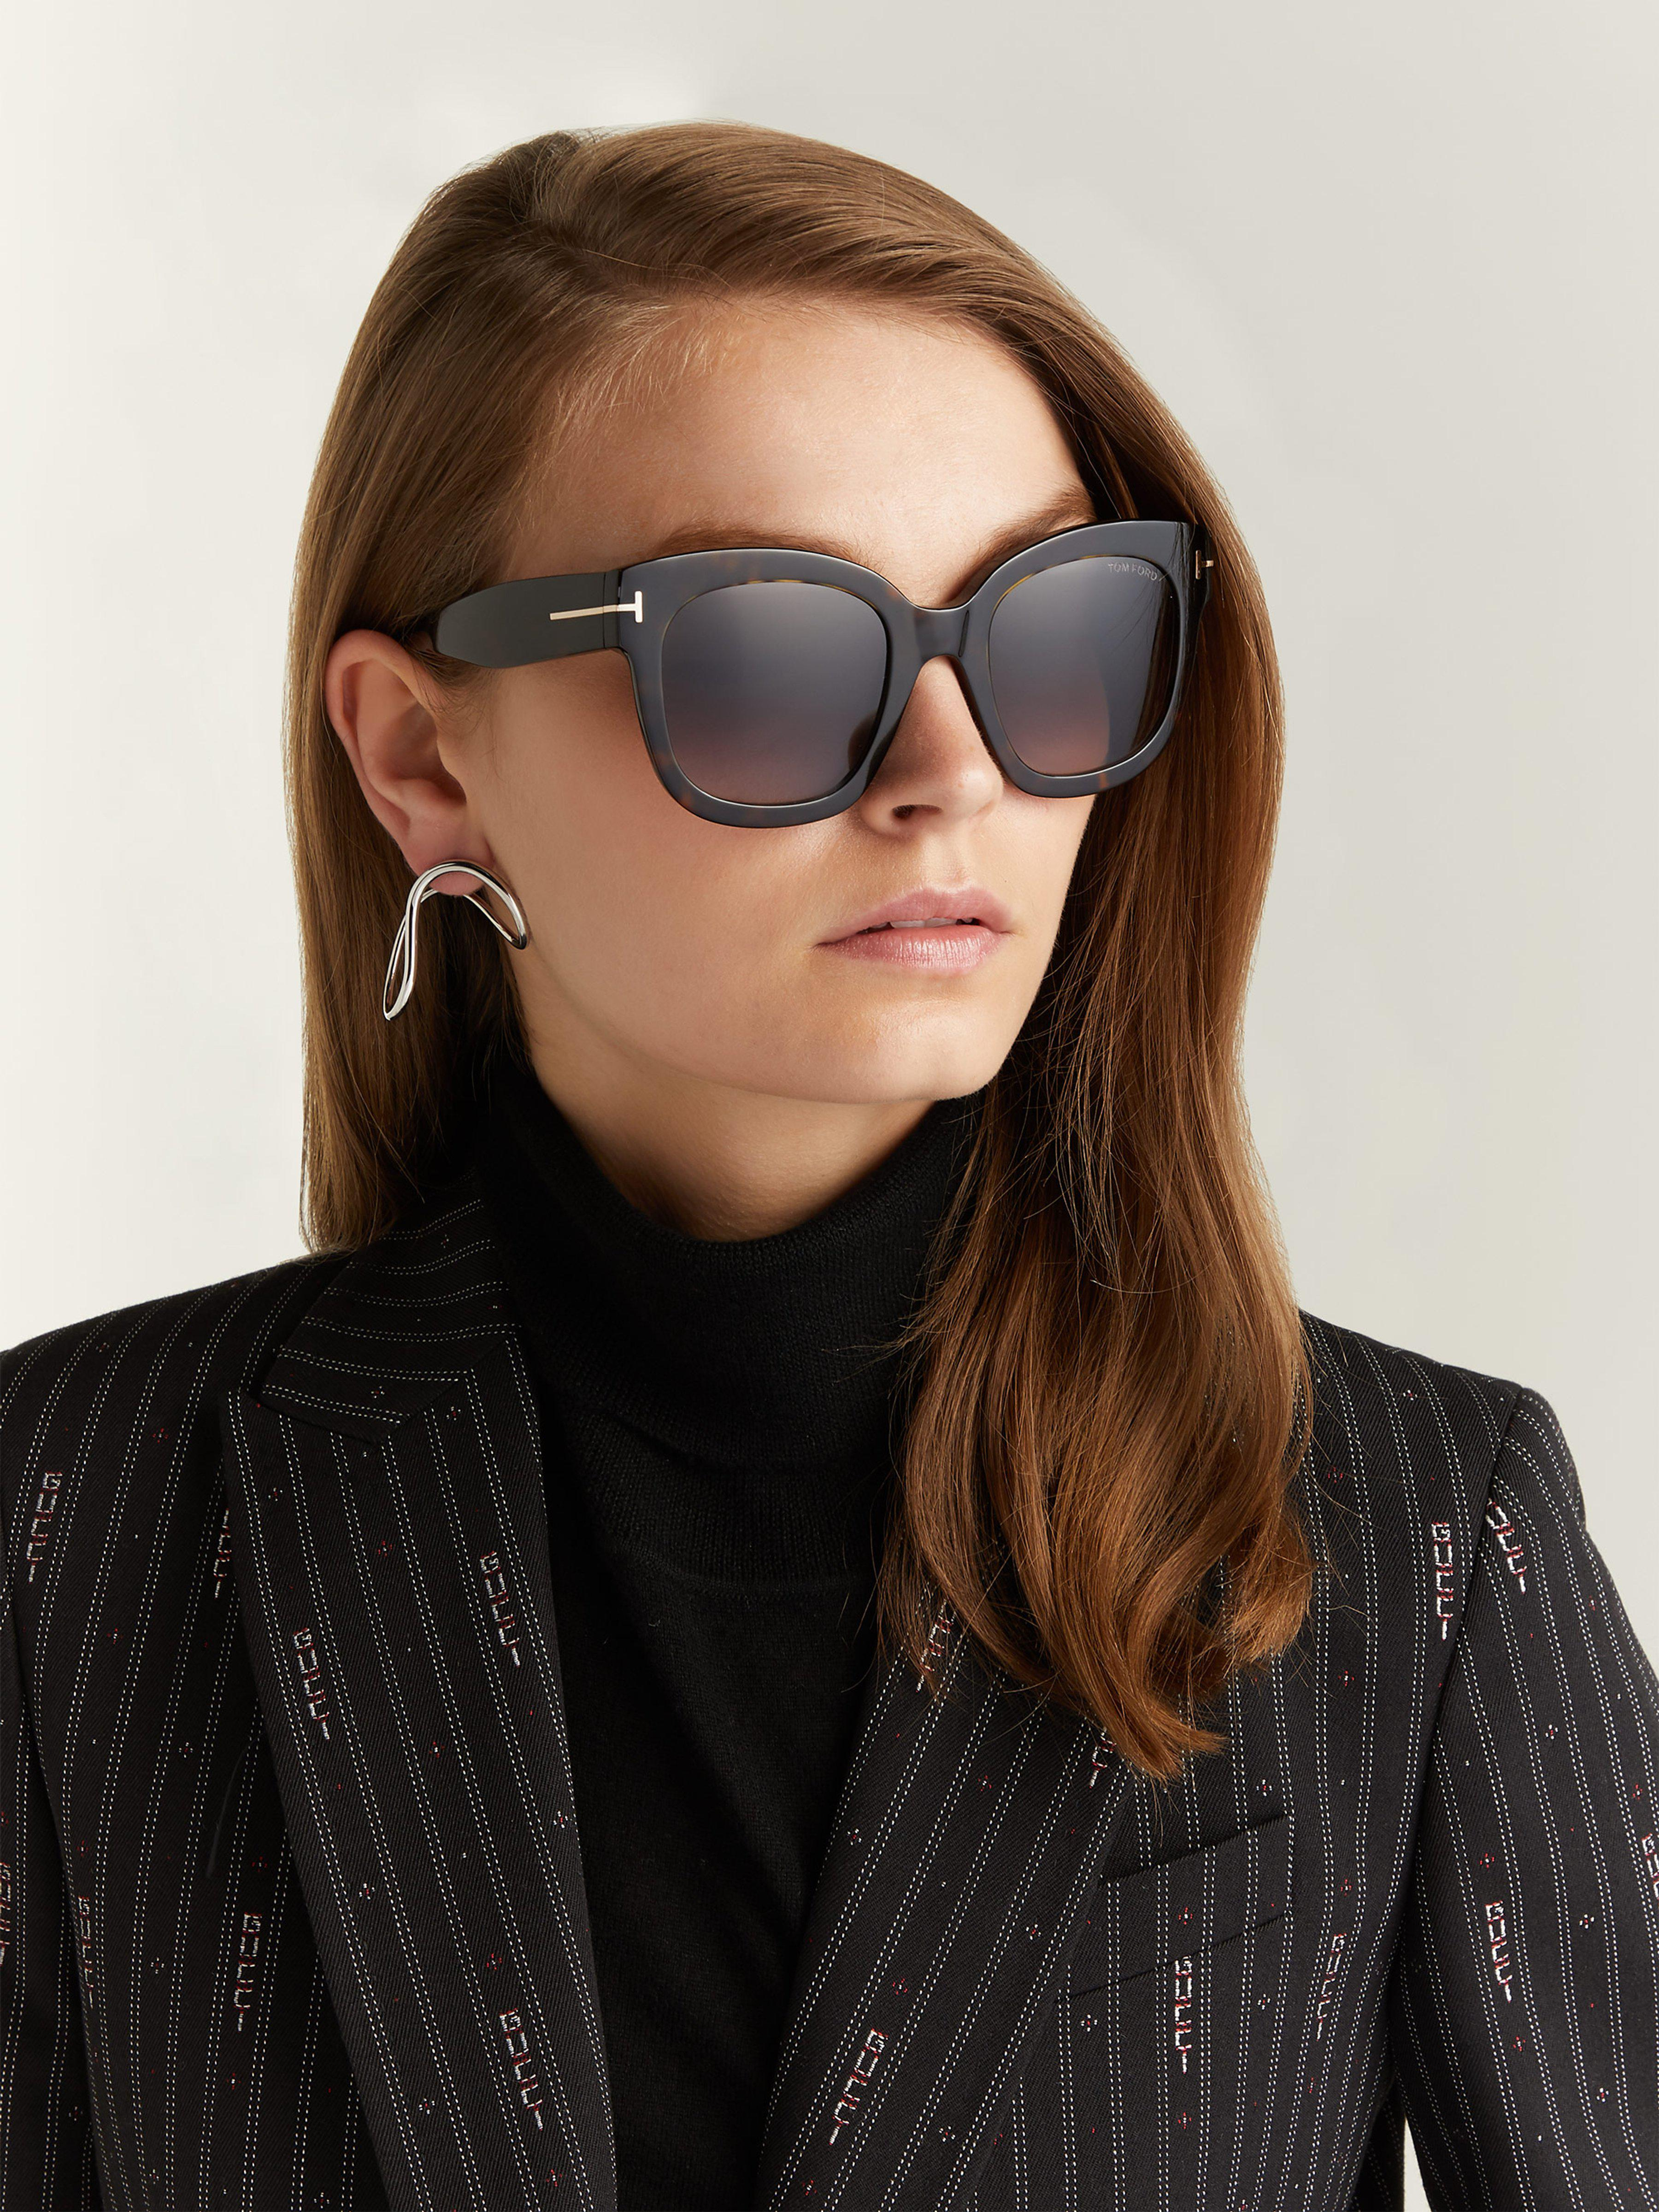 210a4c81ece44 Tom Ford Beatrix Acetate Sunglasses in Brown - Lyst